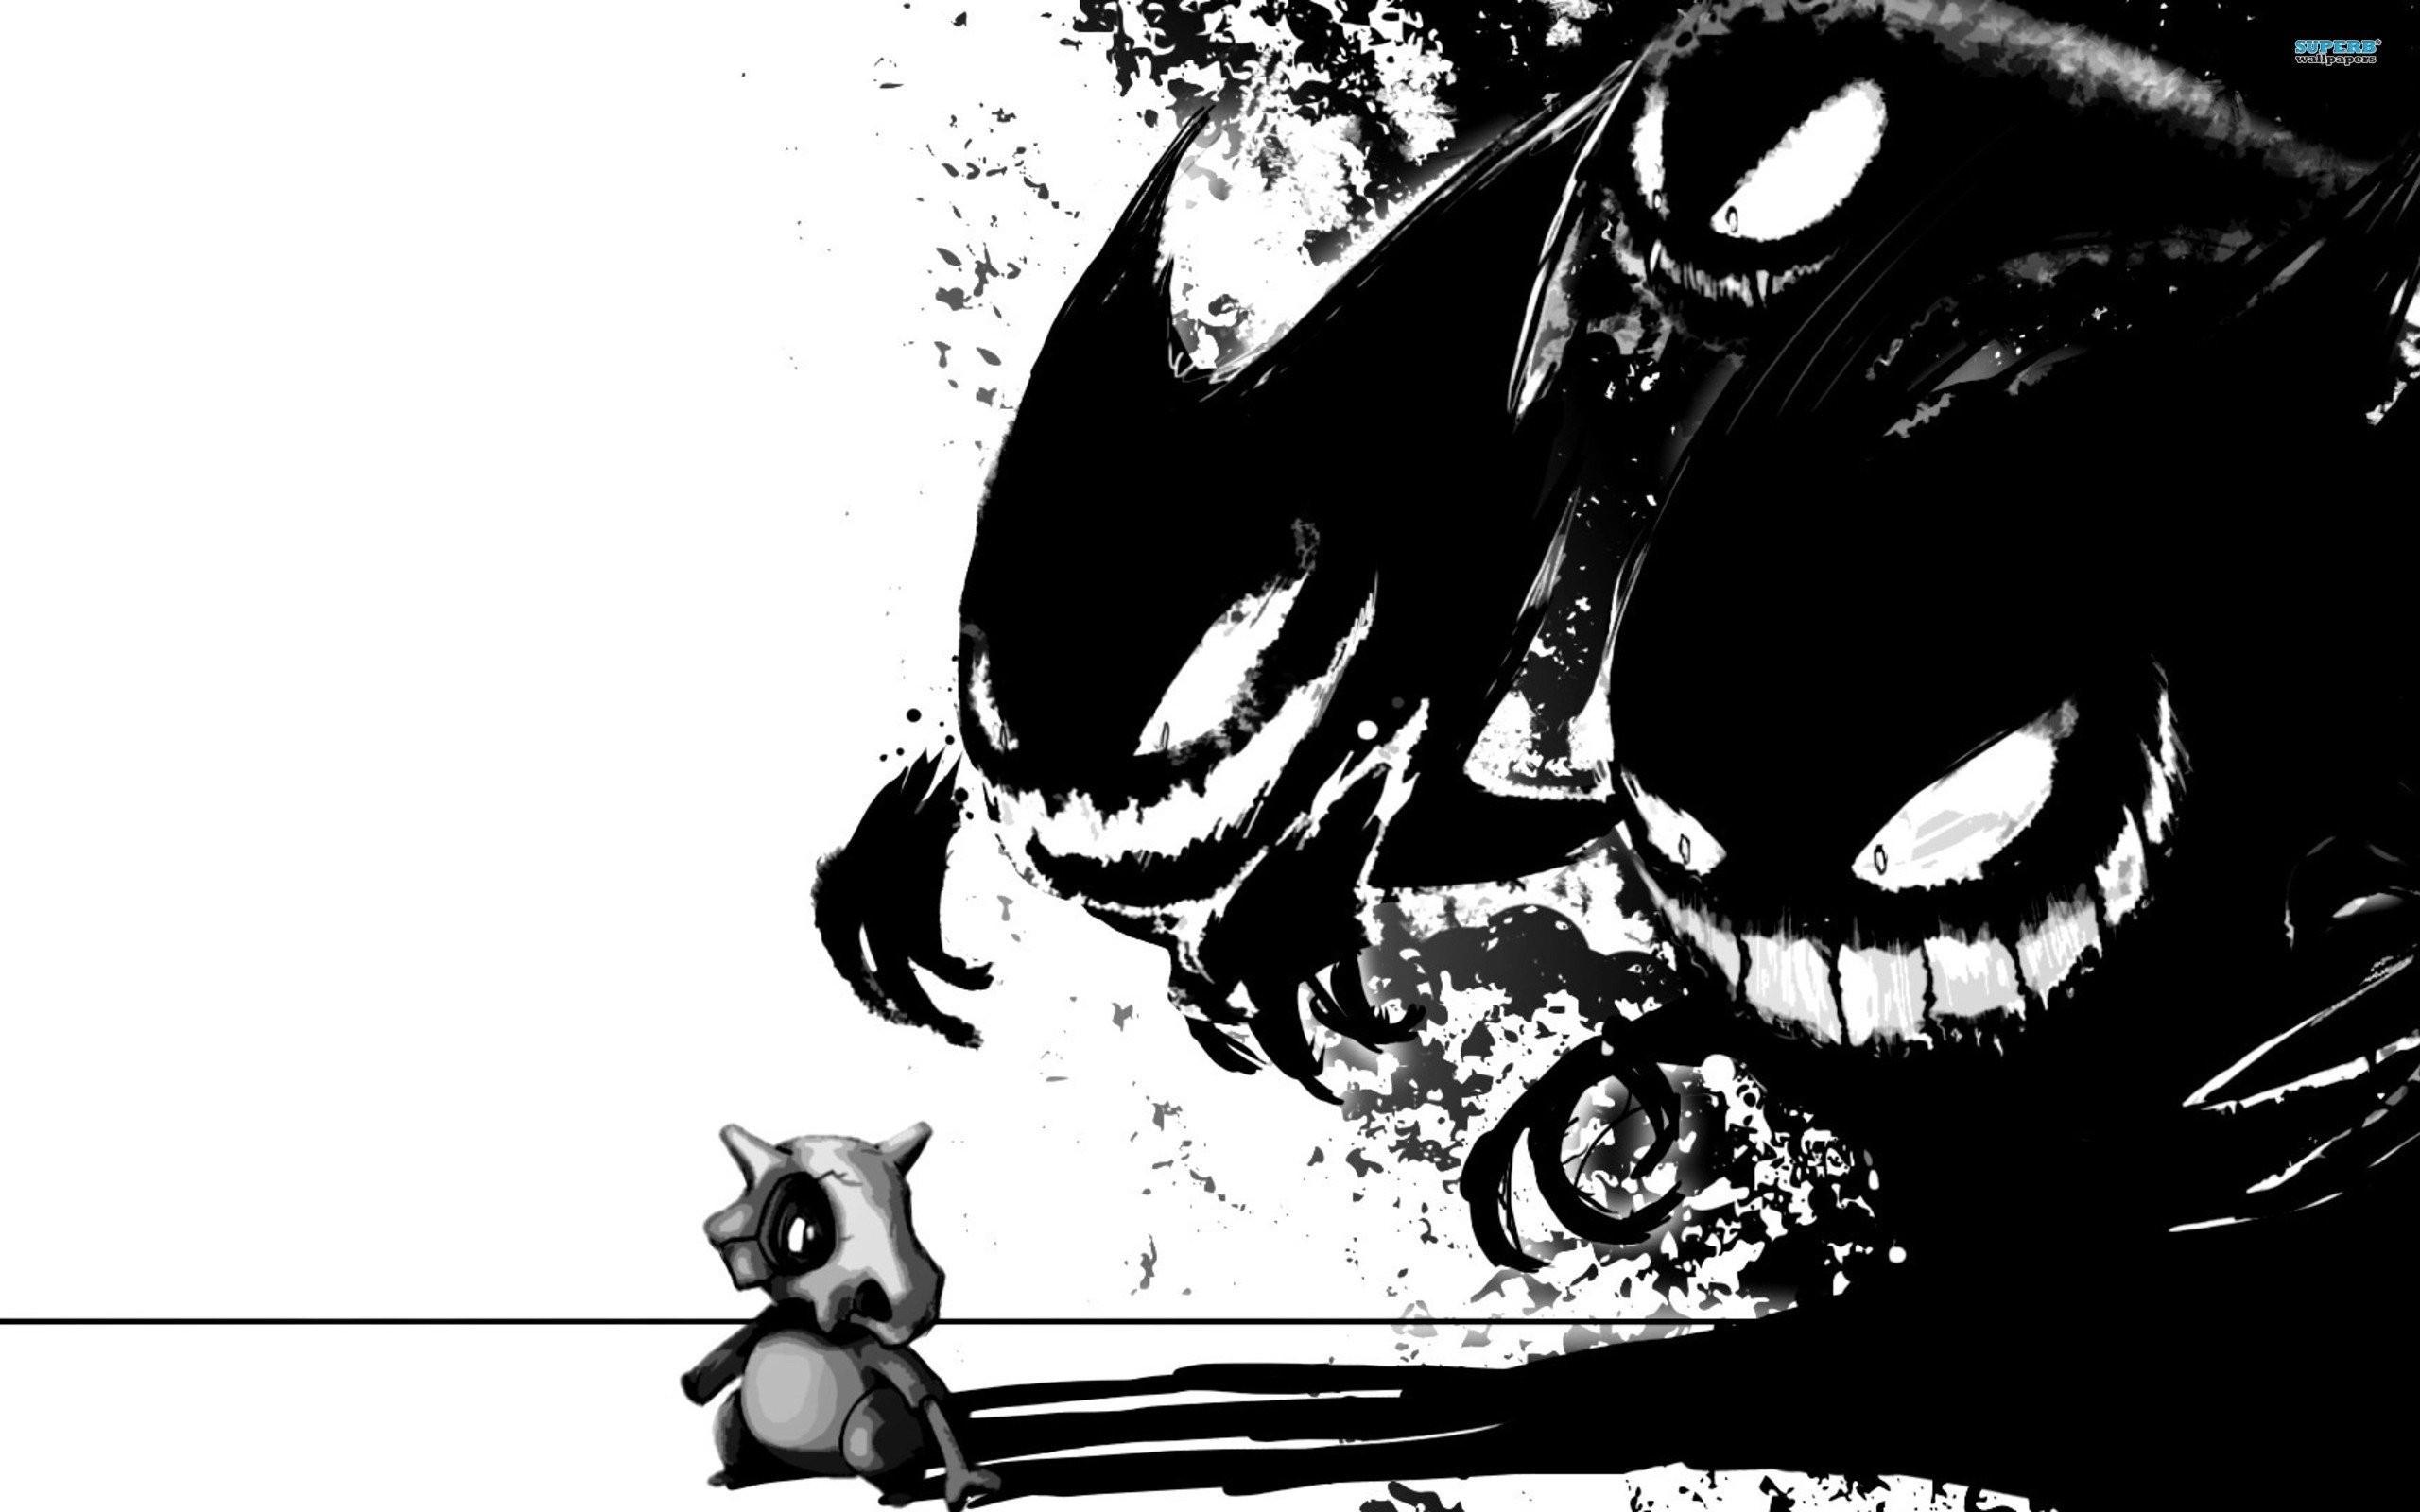 fekete-fehér szex rajzfilm